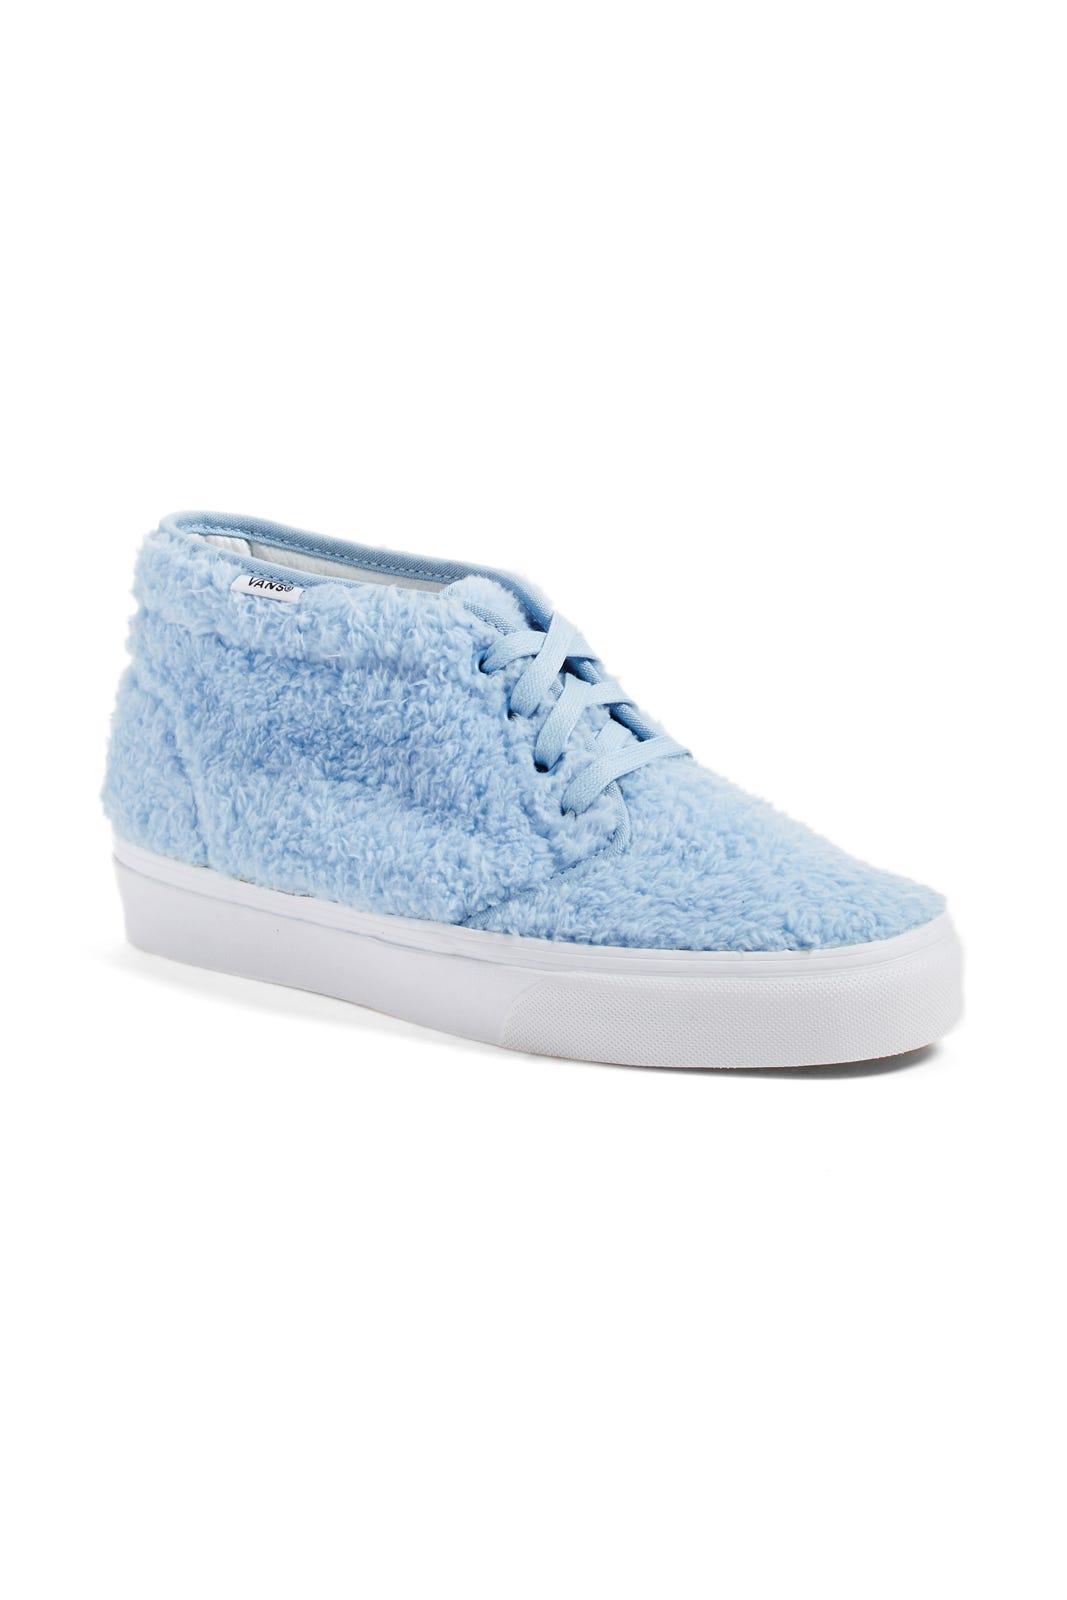 542b3e2d222e Nordstrom Vans Pop Up Collaboration Shoes Clothing